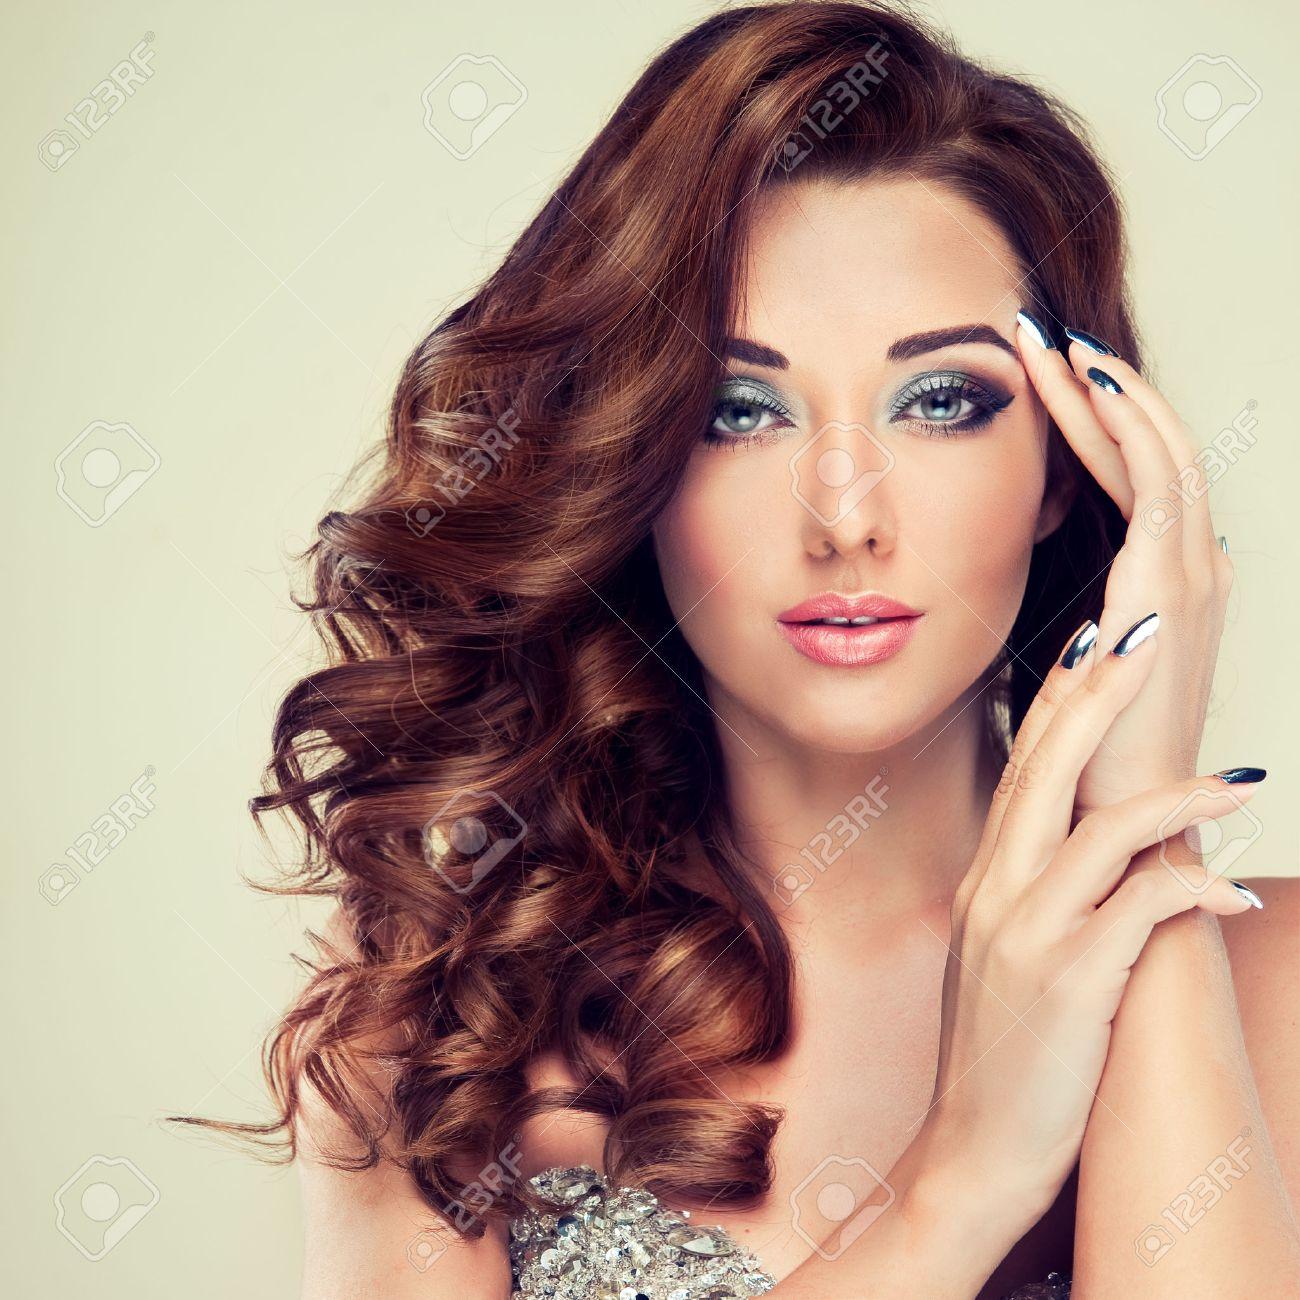 Schone Frau Mit Dem Langen Lockigen Haar Mode Make Up Und Silber